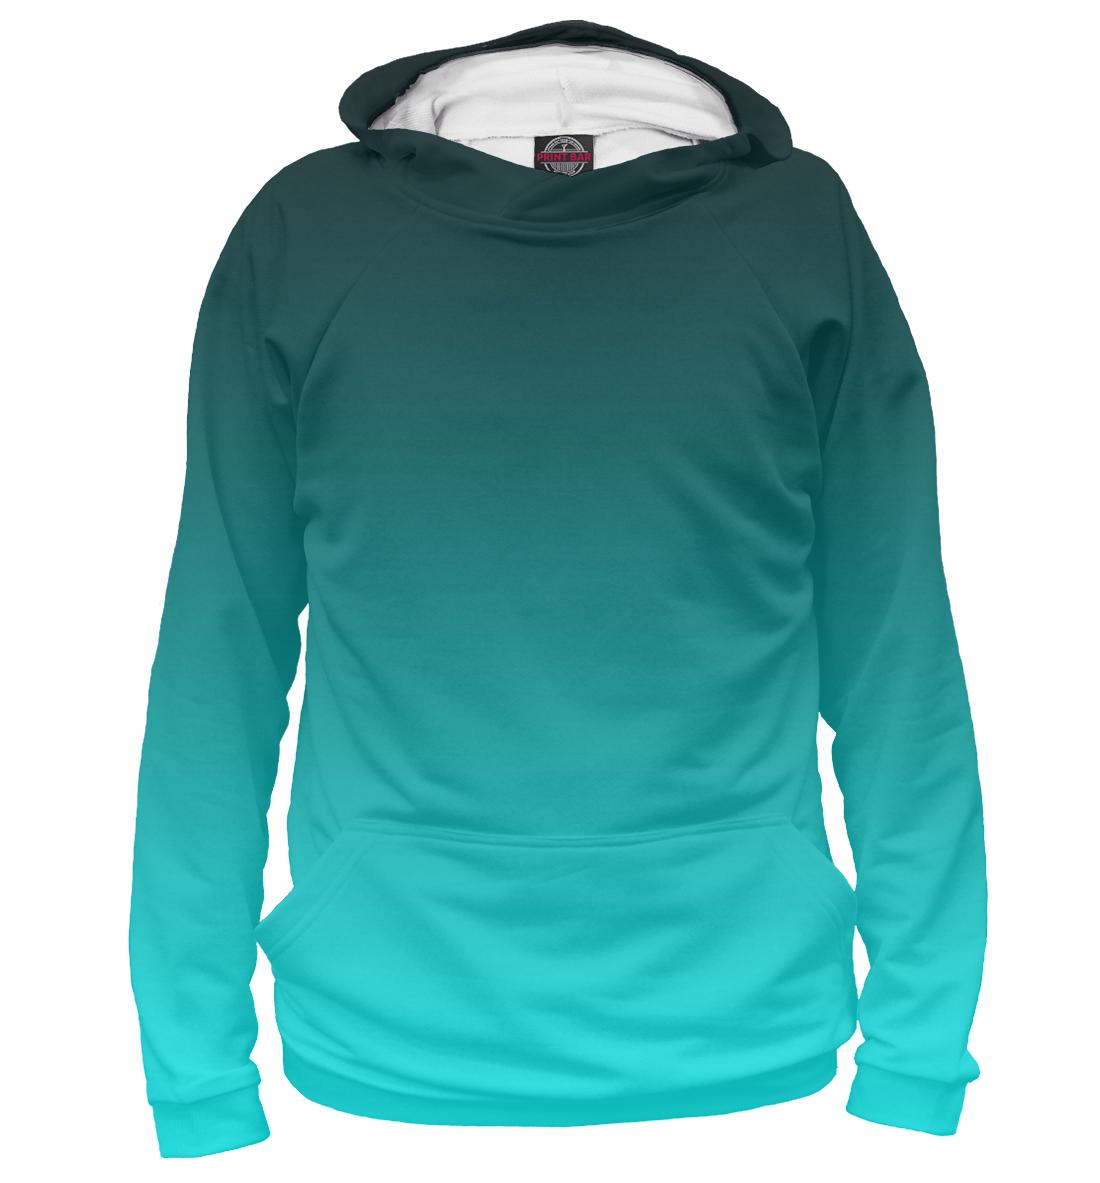 Купить Градиент Голубой в Черный, Printbar, Худи, CLR-276598-hud-1